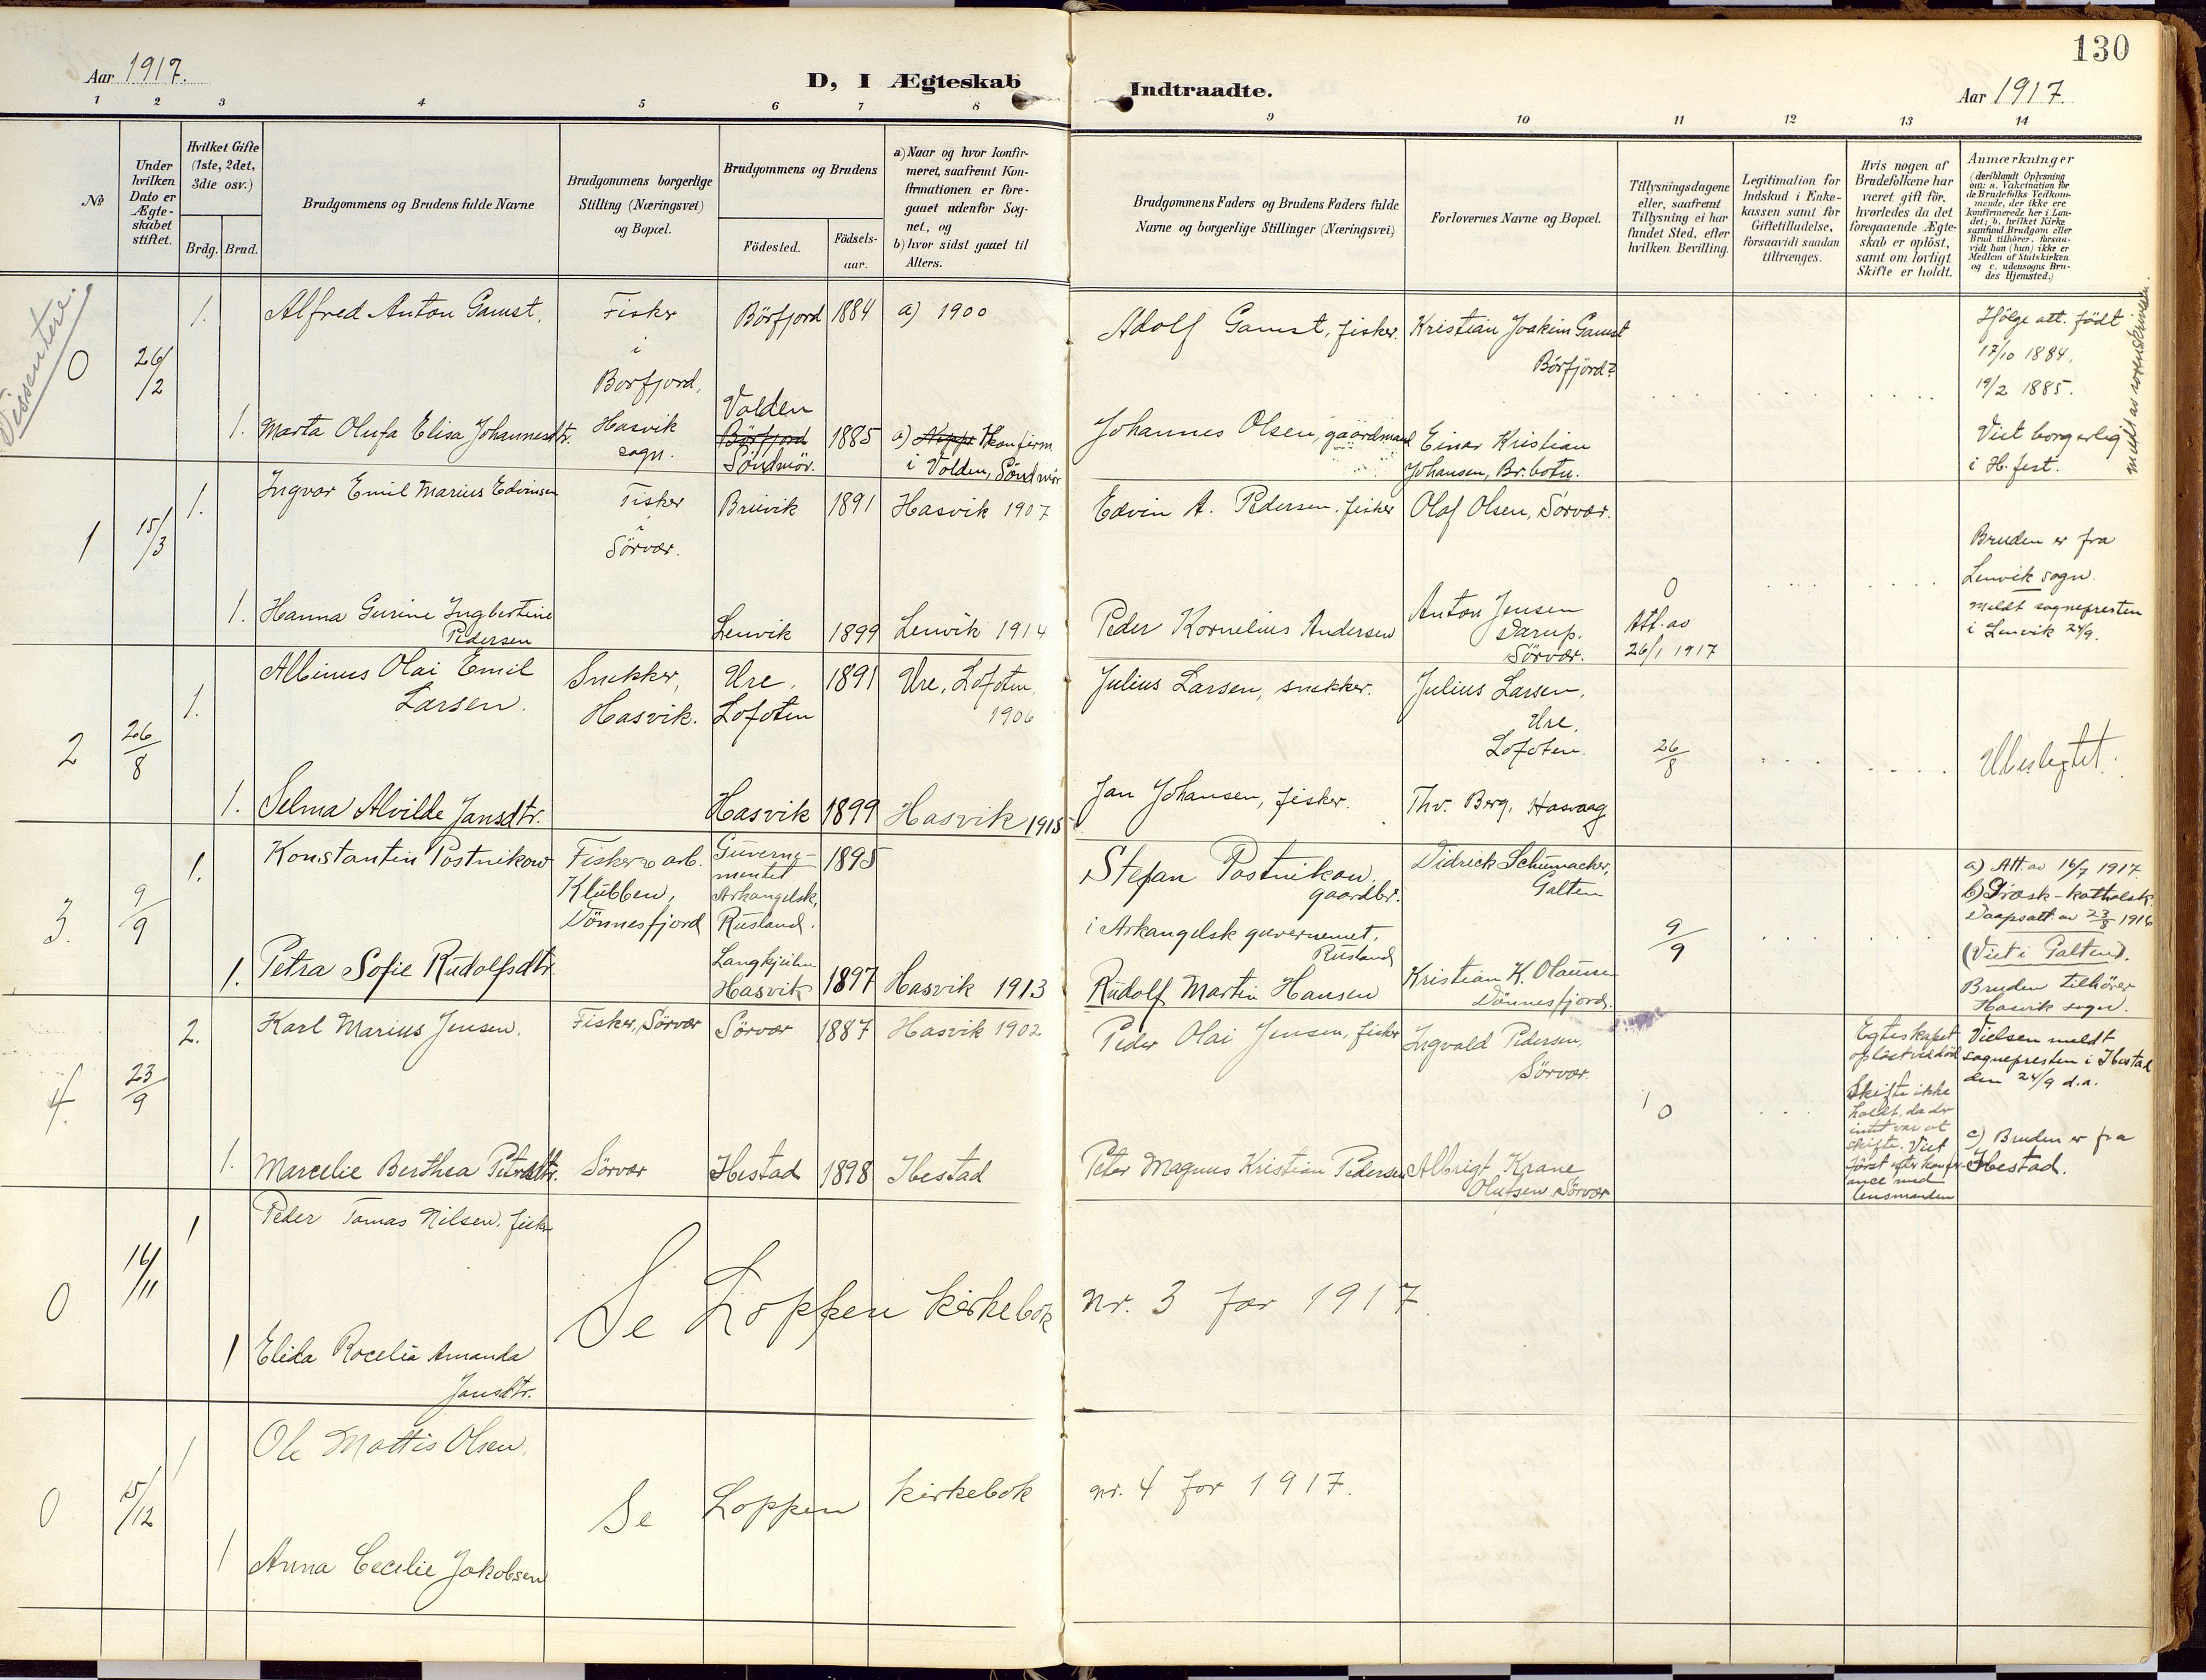 SATØ, Loppa sokneprestkontor, H/Ha/L0010kirke: Ministerialbok nr. 10, 1907-1922, s. 130